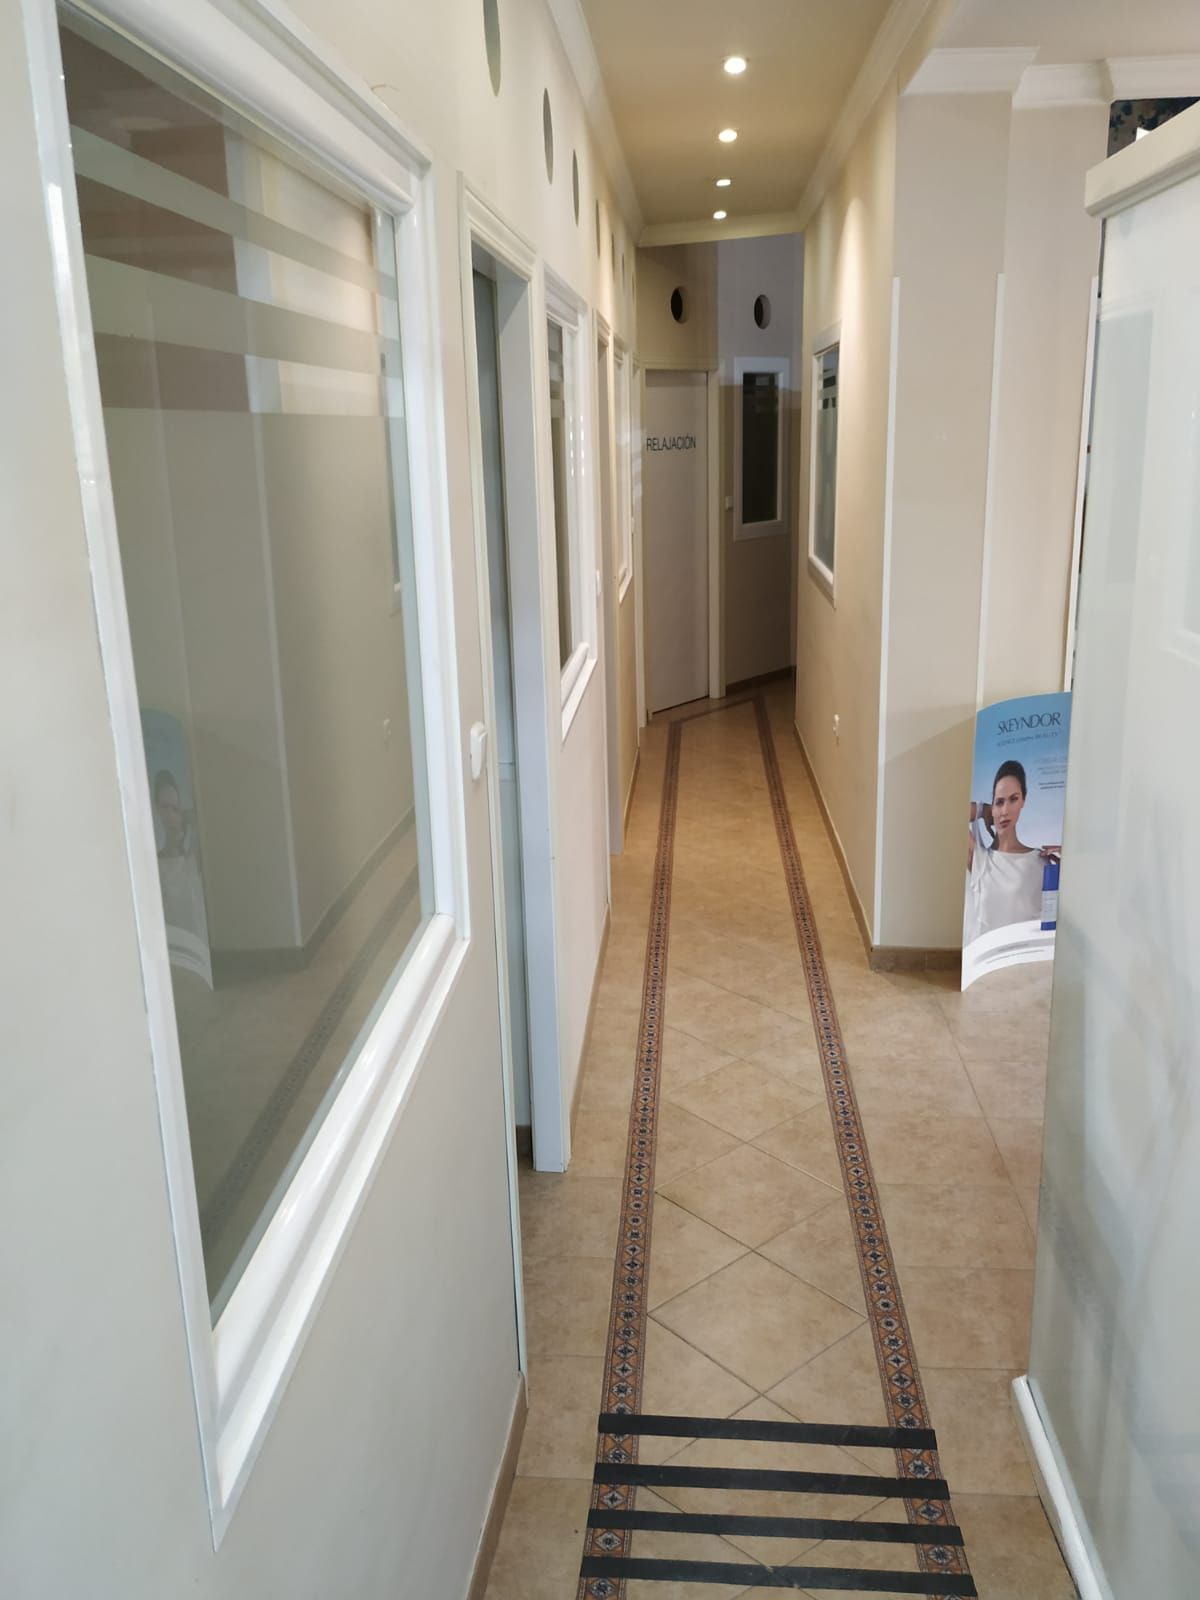 Foto 25 de Centro de bienestar y salud en Antequera | Centro Bienestar y Salud Cayma